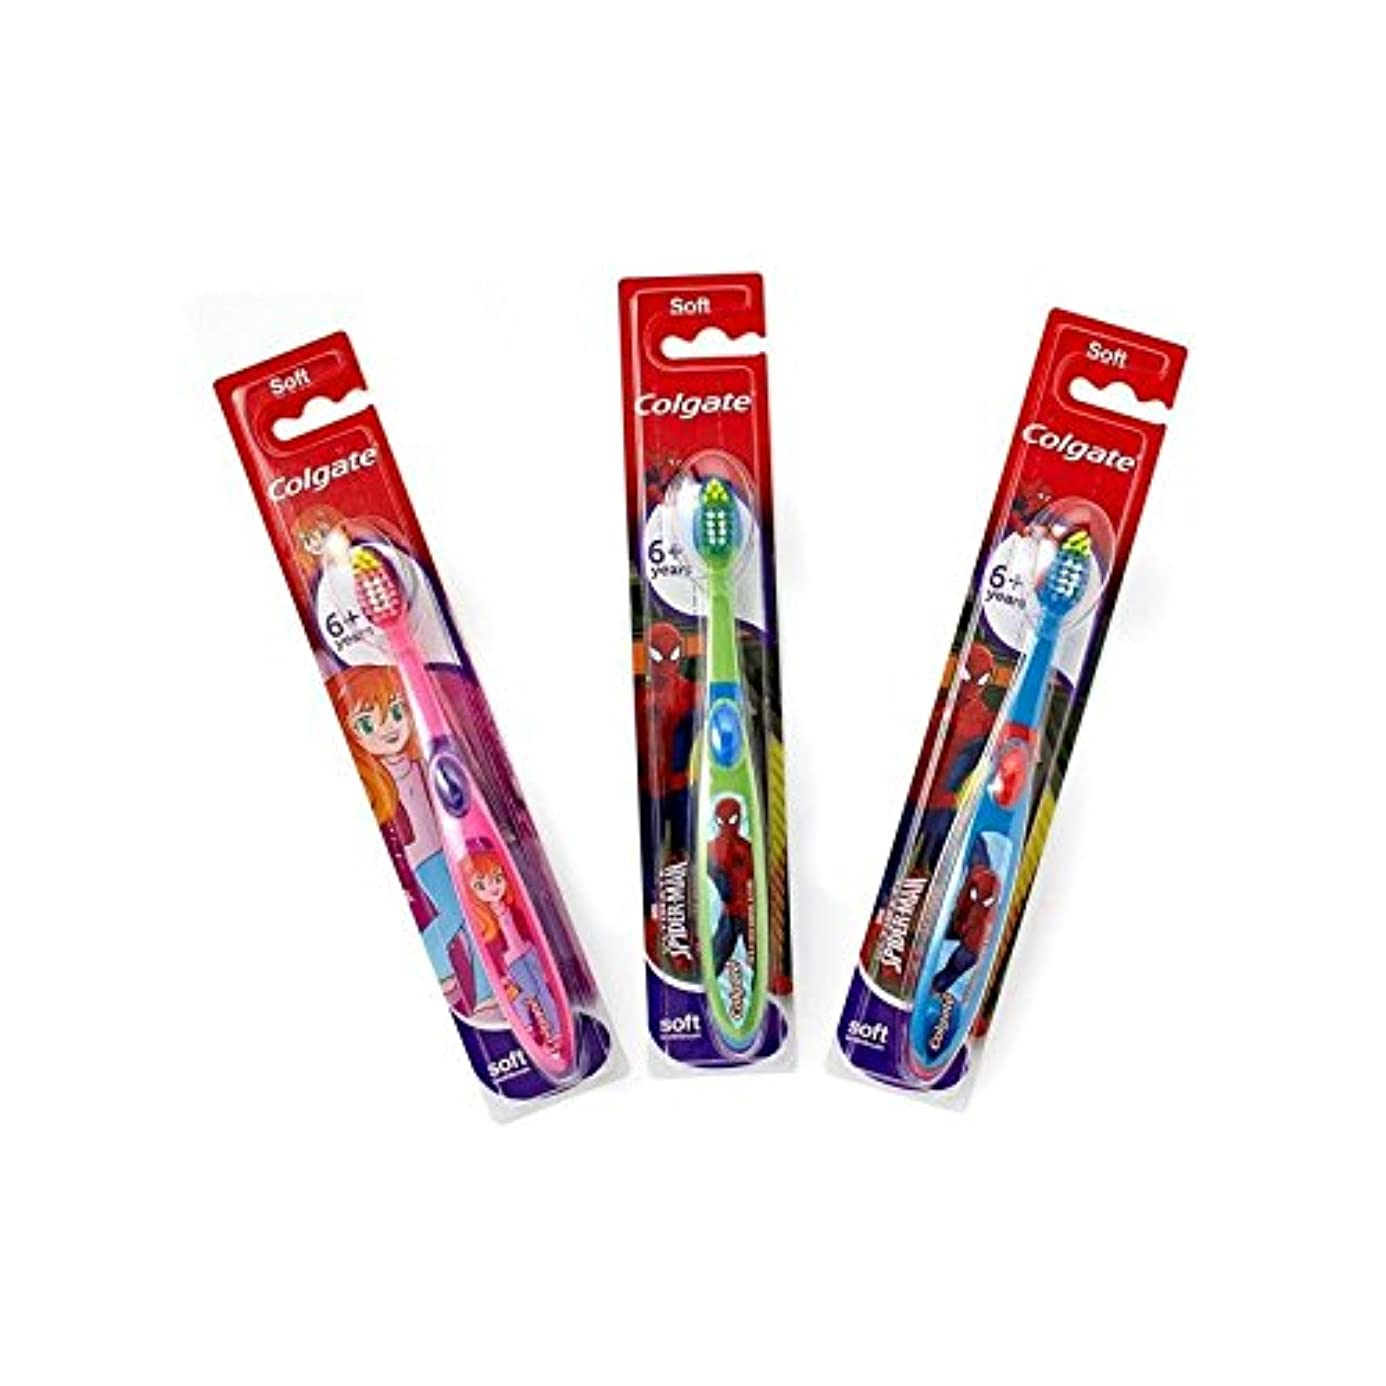 フェードバクテリア予報6+年の歯ブラシを笑顔 (Colgate) (x 2) - Colgate Smiles 6+ Years Toothbrush (Pack of 2) [並行輸入品]